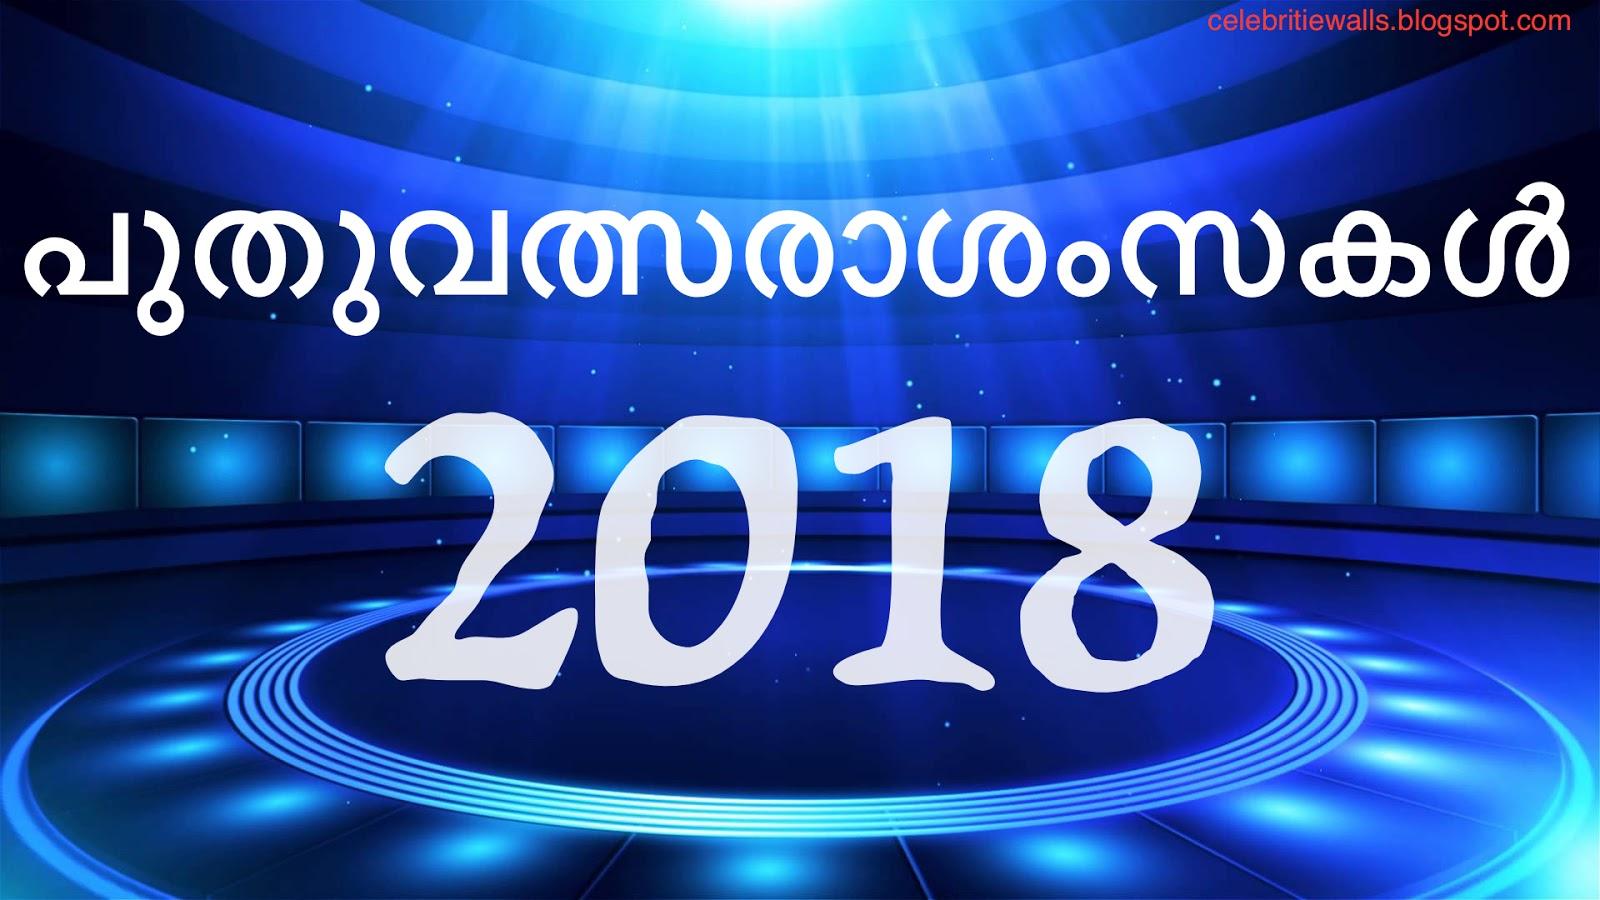 malayalam new year wishes whatsapp